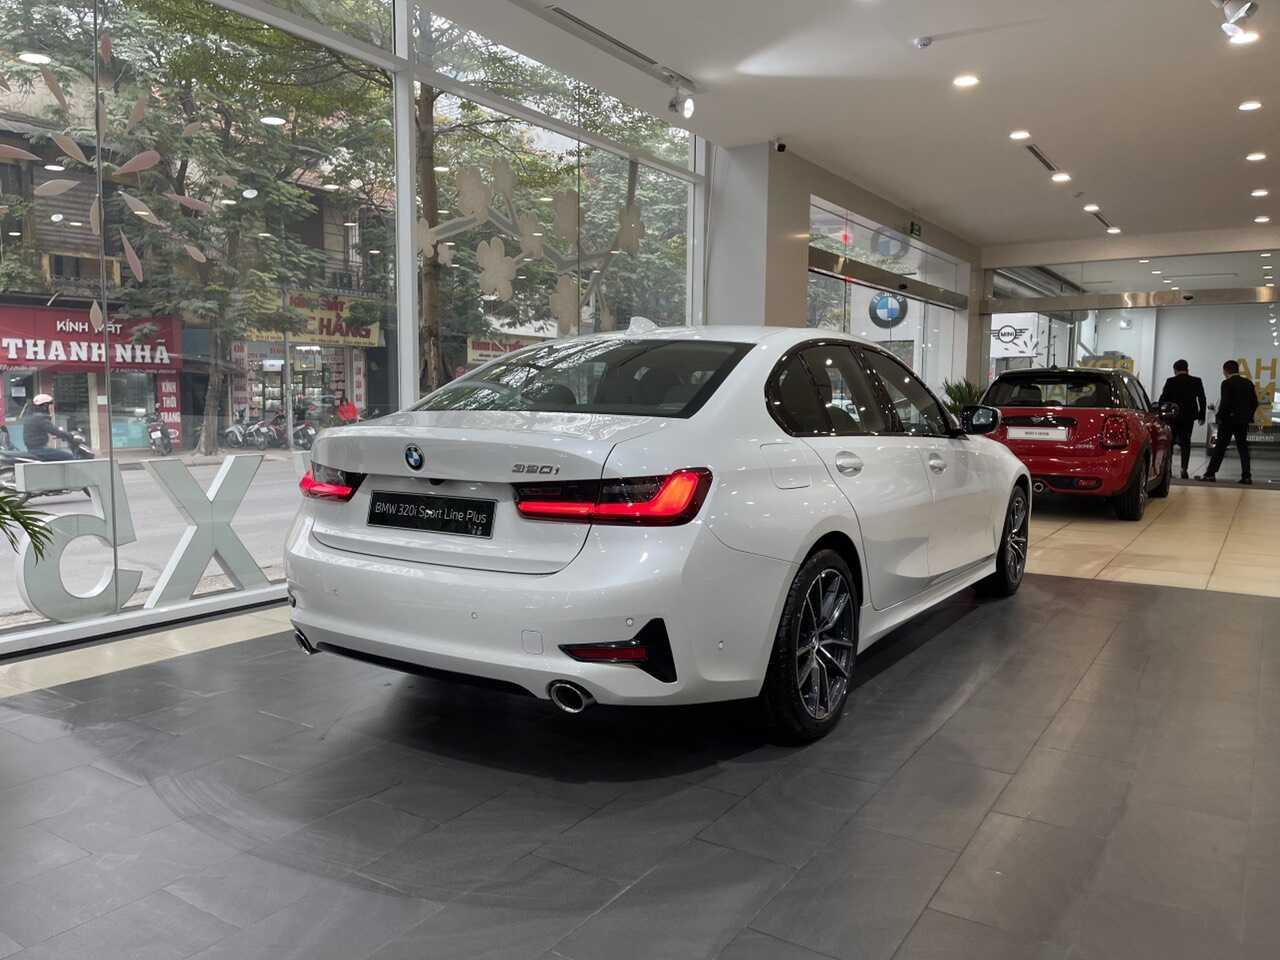 Phần sườn và đuôi xe BMW 320i Sport Line Plus.